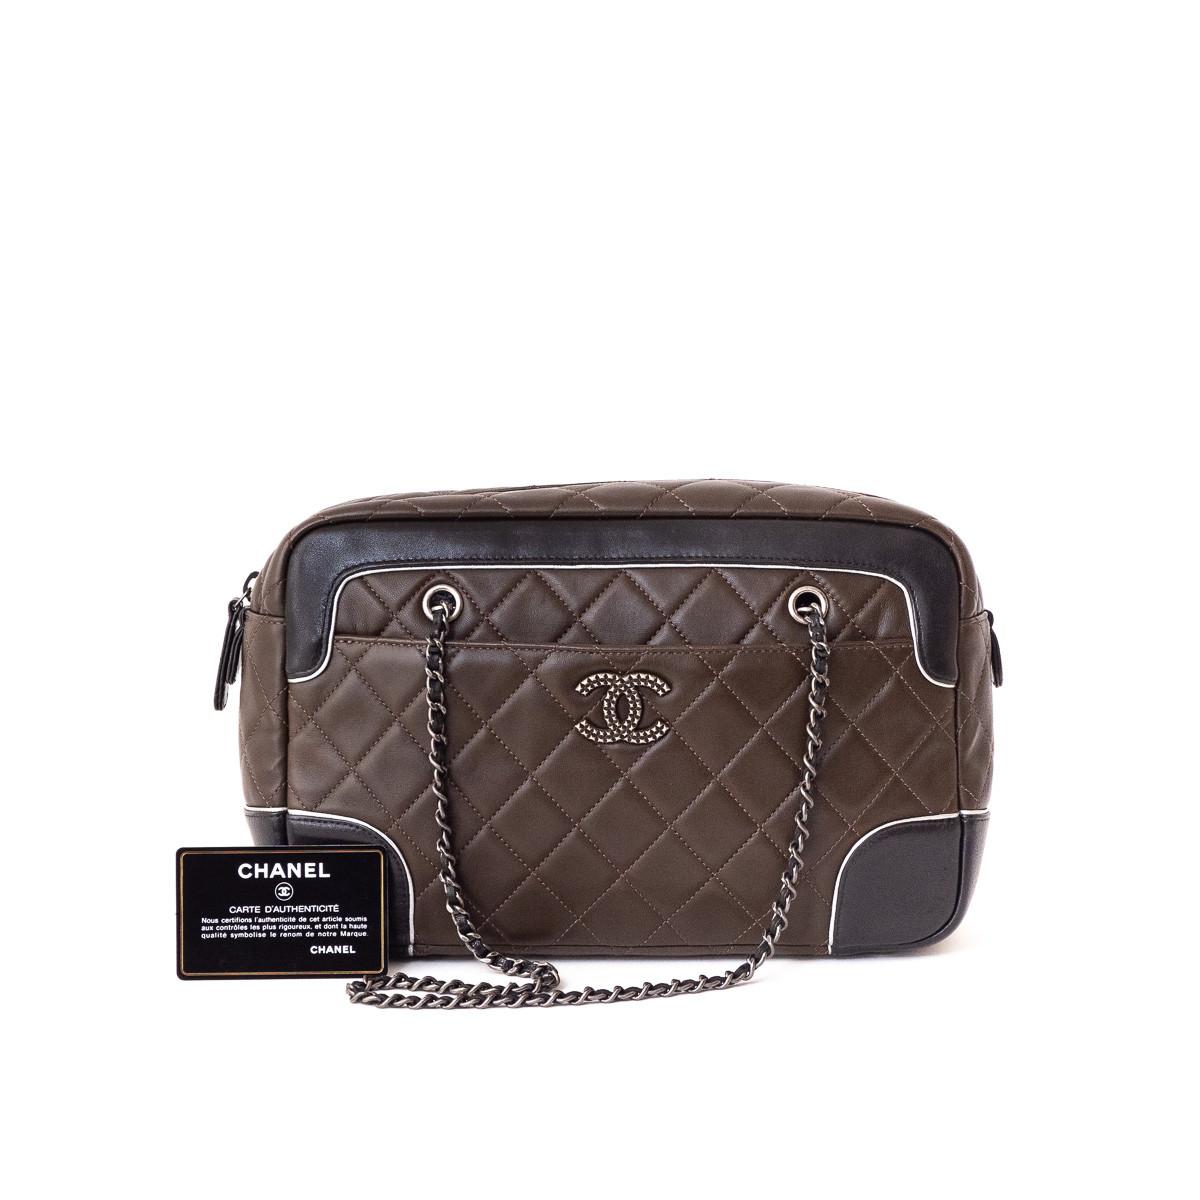 157c0e632c Chanel sac Shopping bicolore cuir matelassé et d'occasion.